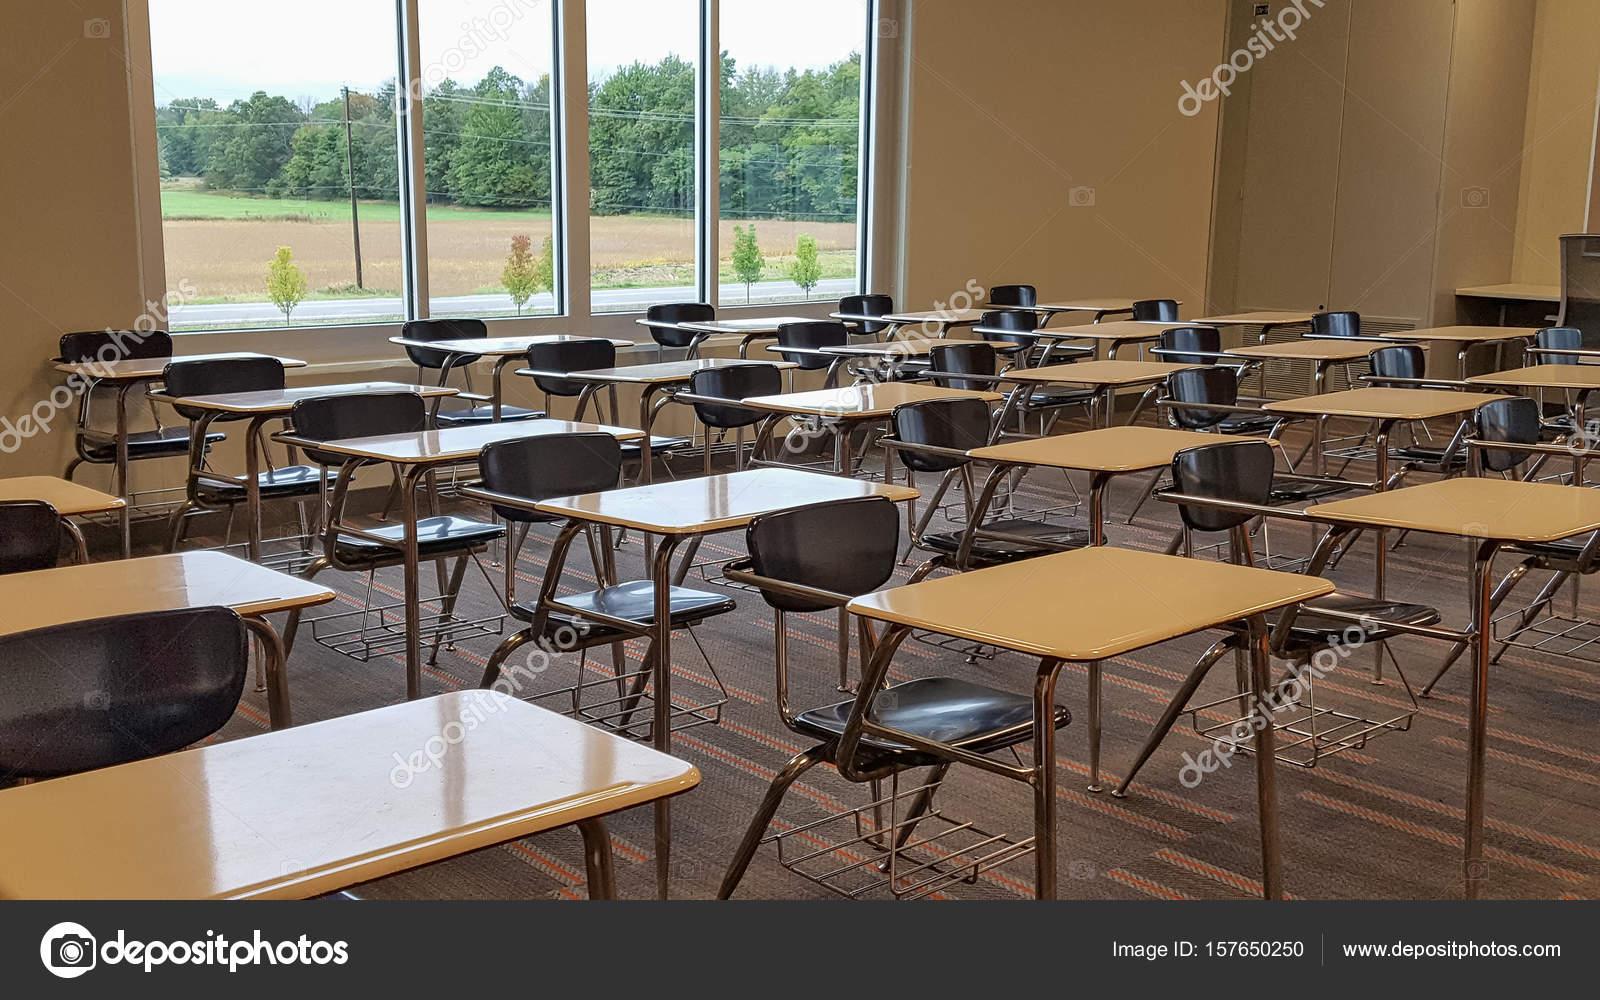 Pictures : empty school desk | Empty school desks in ...